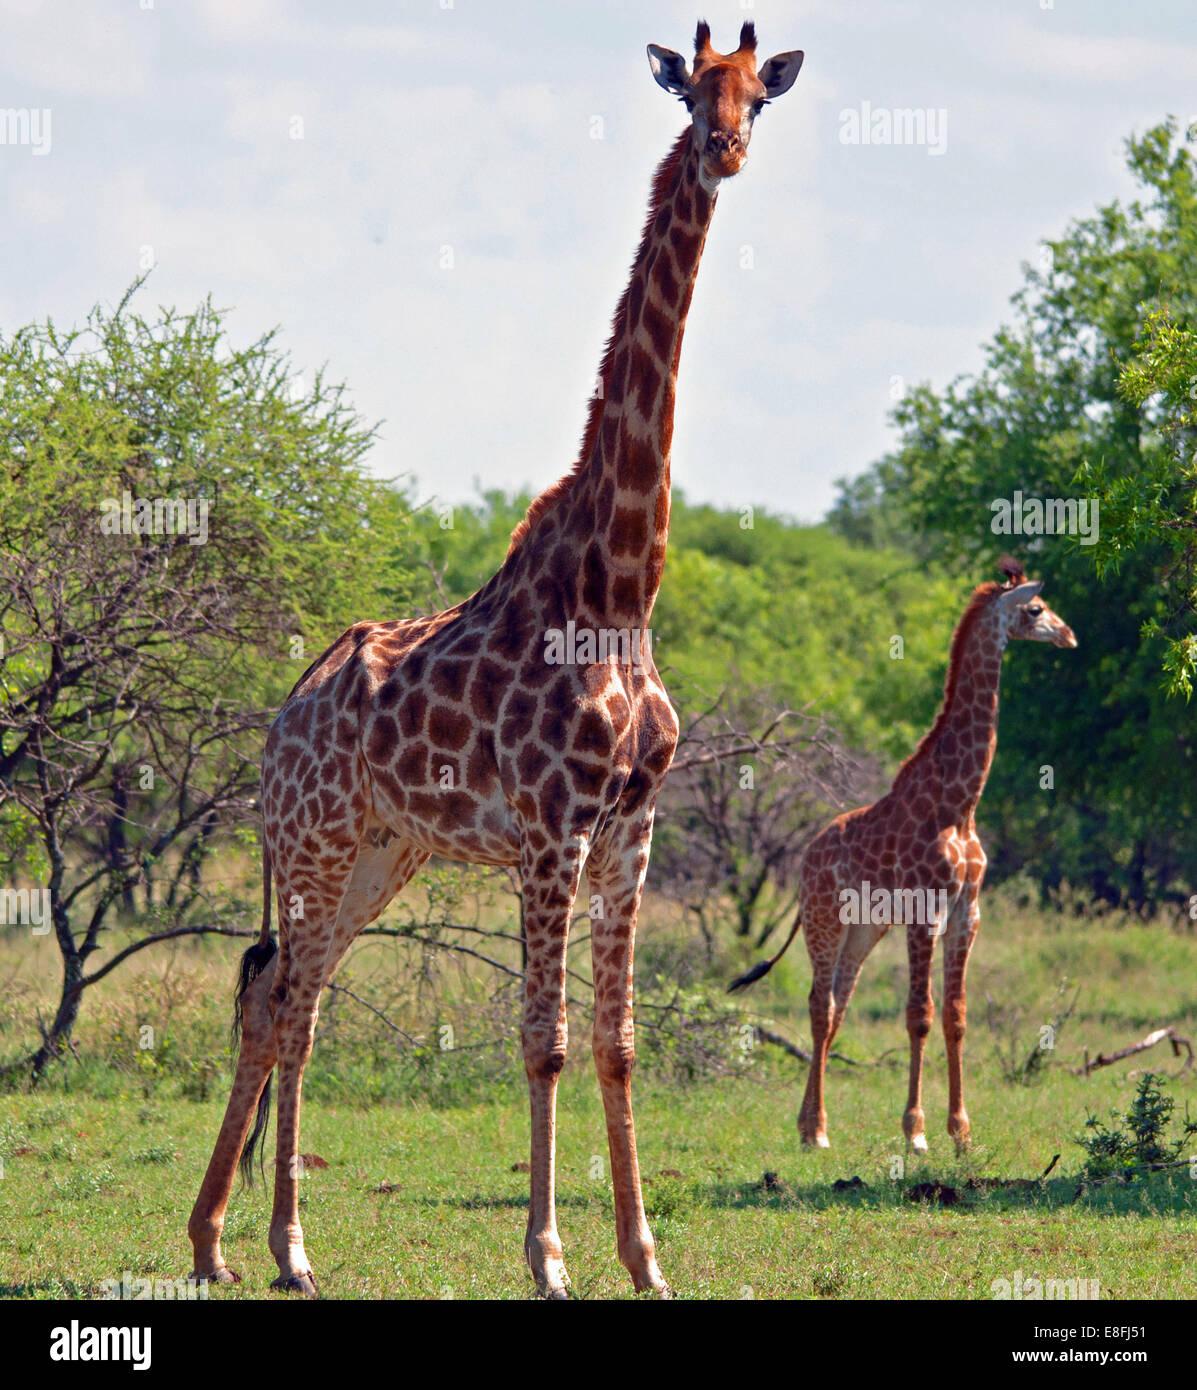 Girafe vache avec son veau, Afrique du Sud Photo Stock